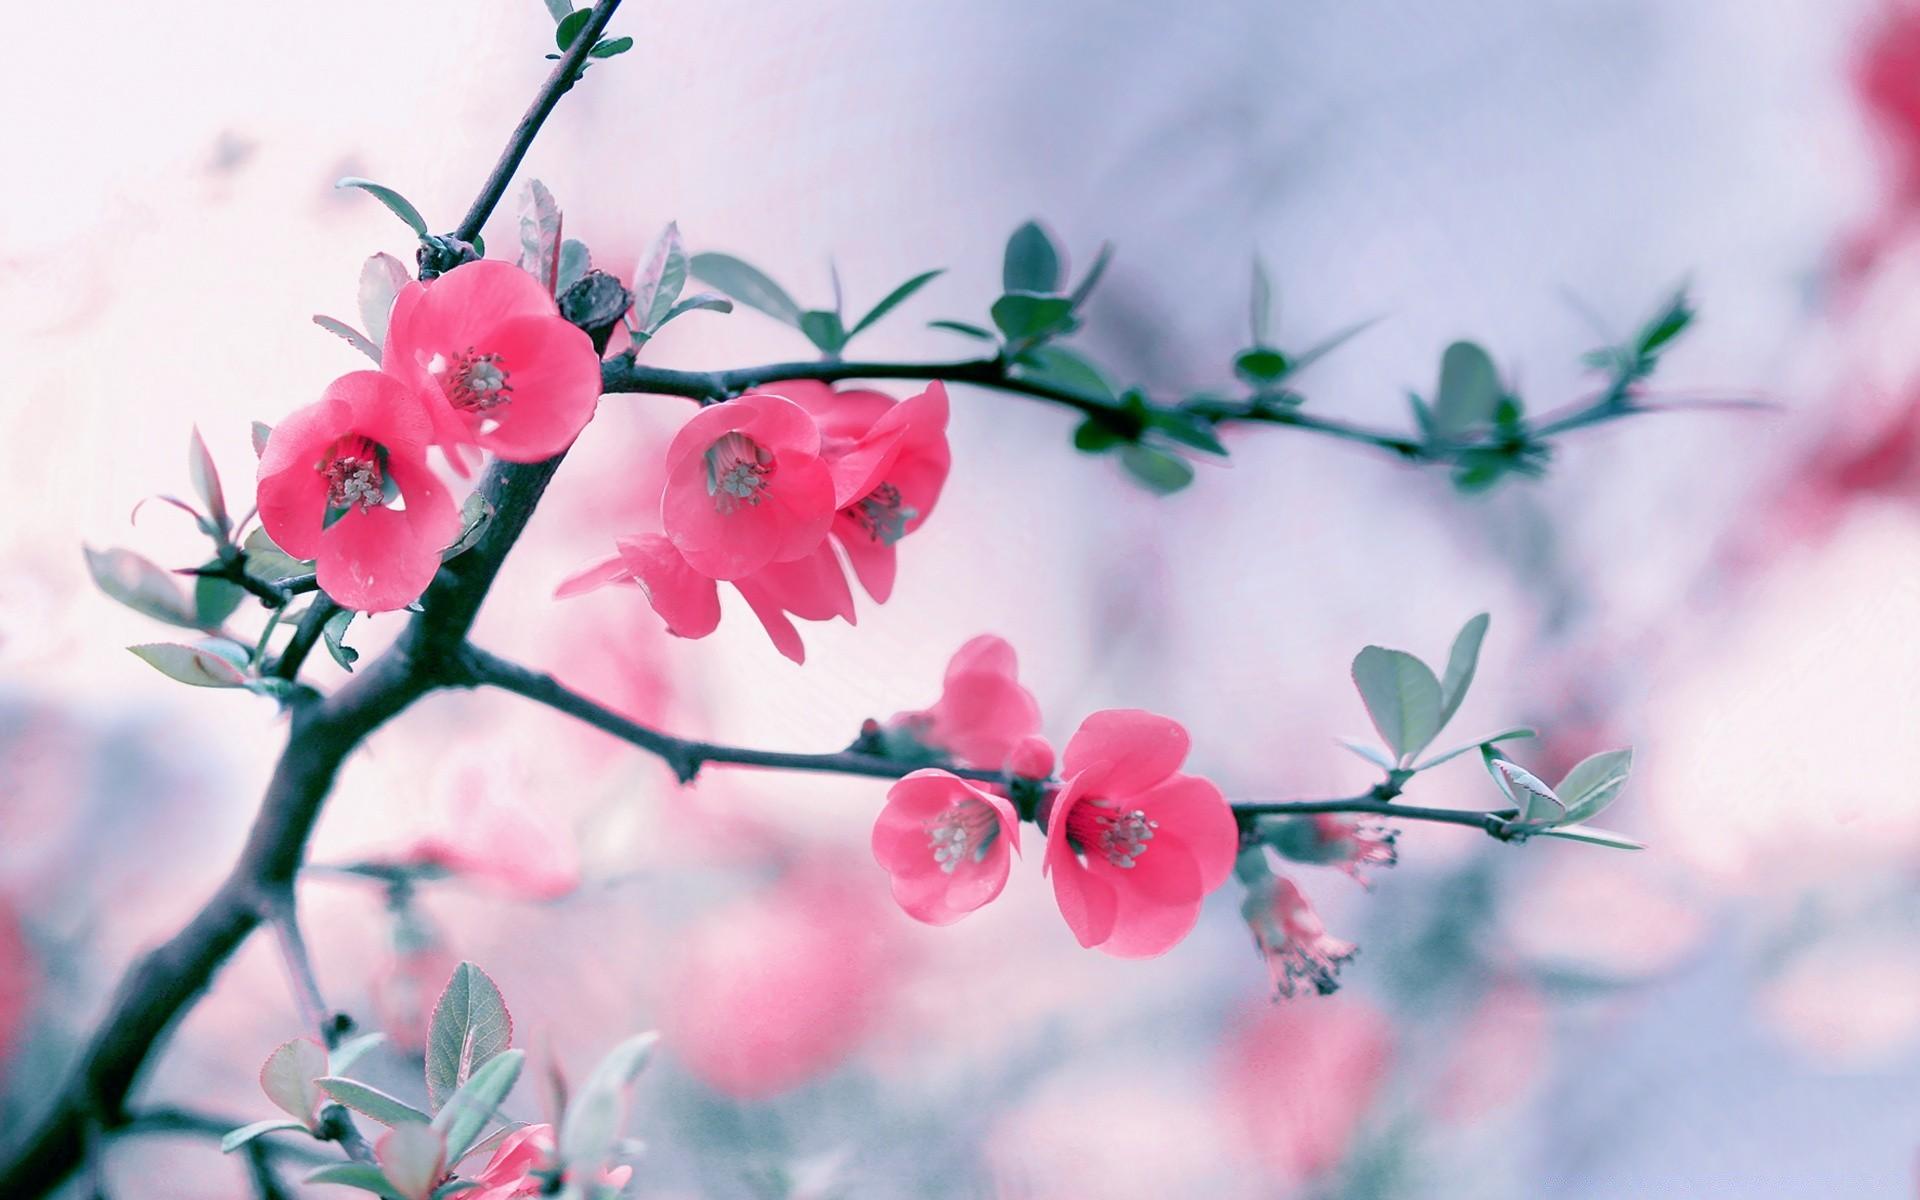 Картинки красивая весна на рабочий стол, смешные картинки про